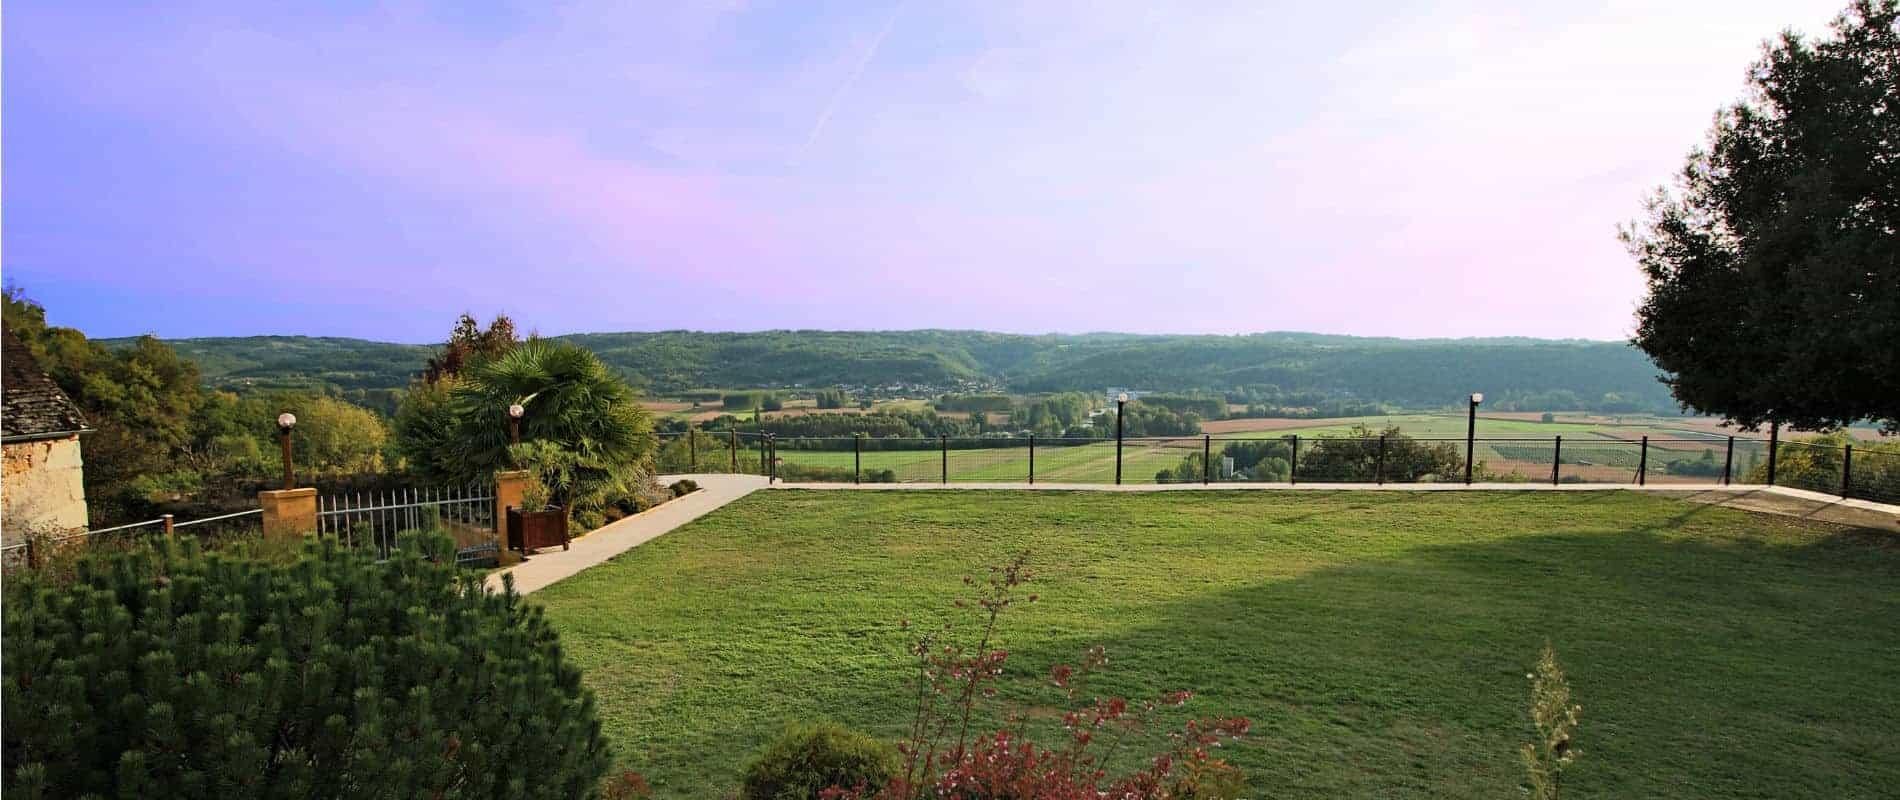 les gites la palombiere en dordogne avec une vue panoramique sur la Vallée de la Dordogne